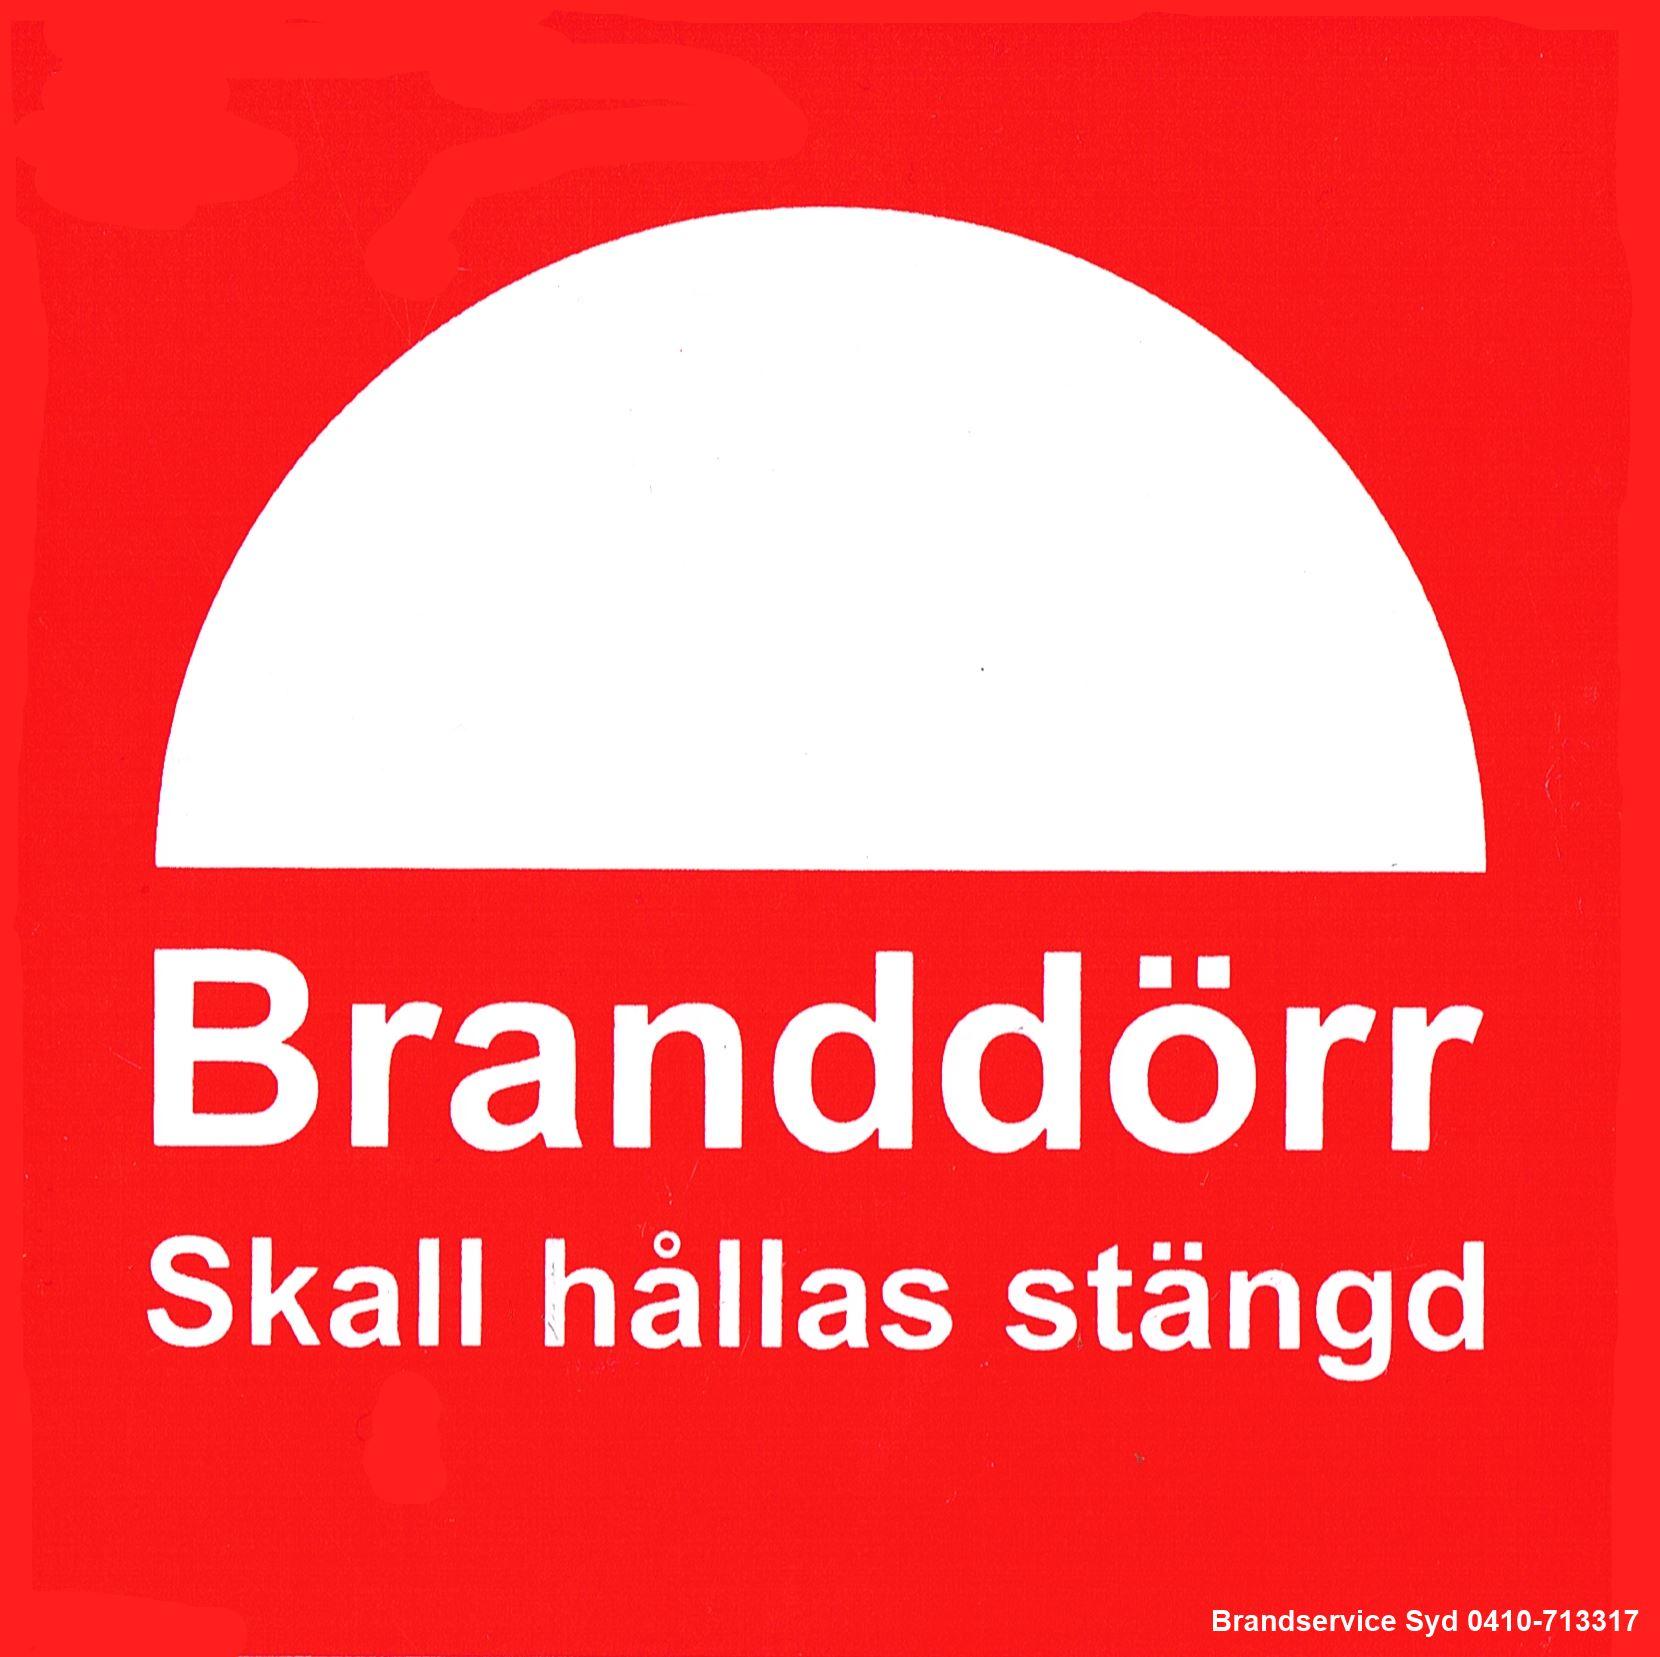 branddorr_skall_hallas_stangd